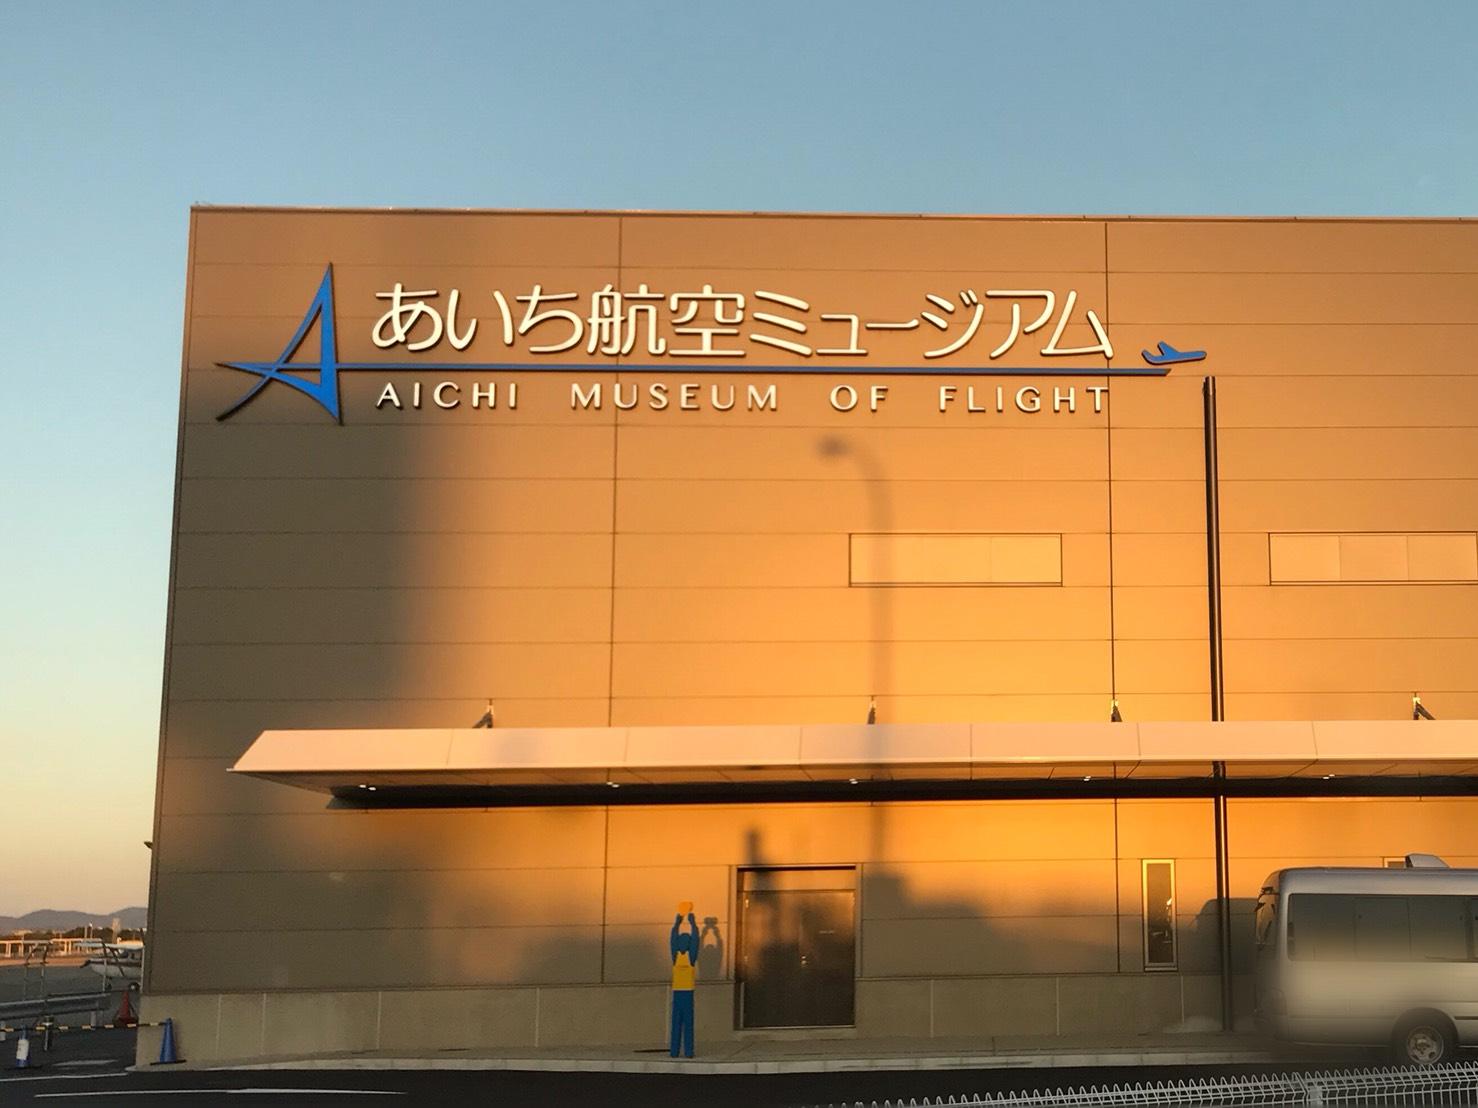 あいち航空ミュージアムのバスは?名古屋駅と栄から行く場合についても詳しく解説!